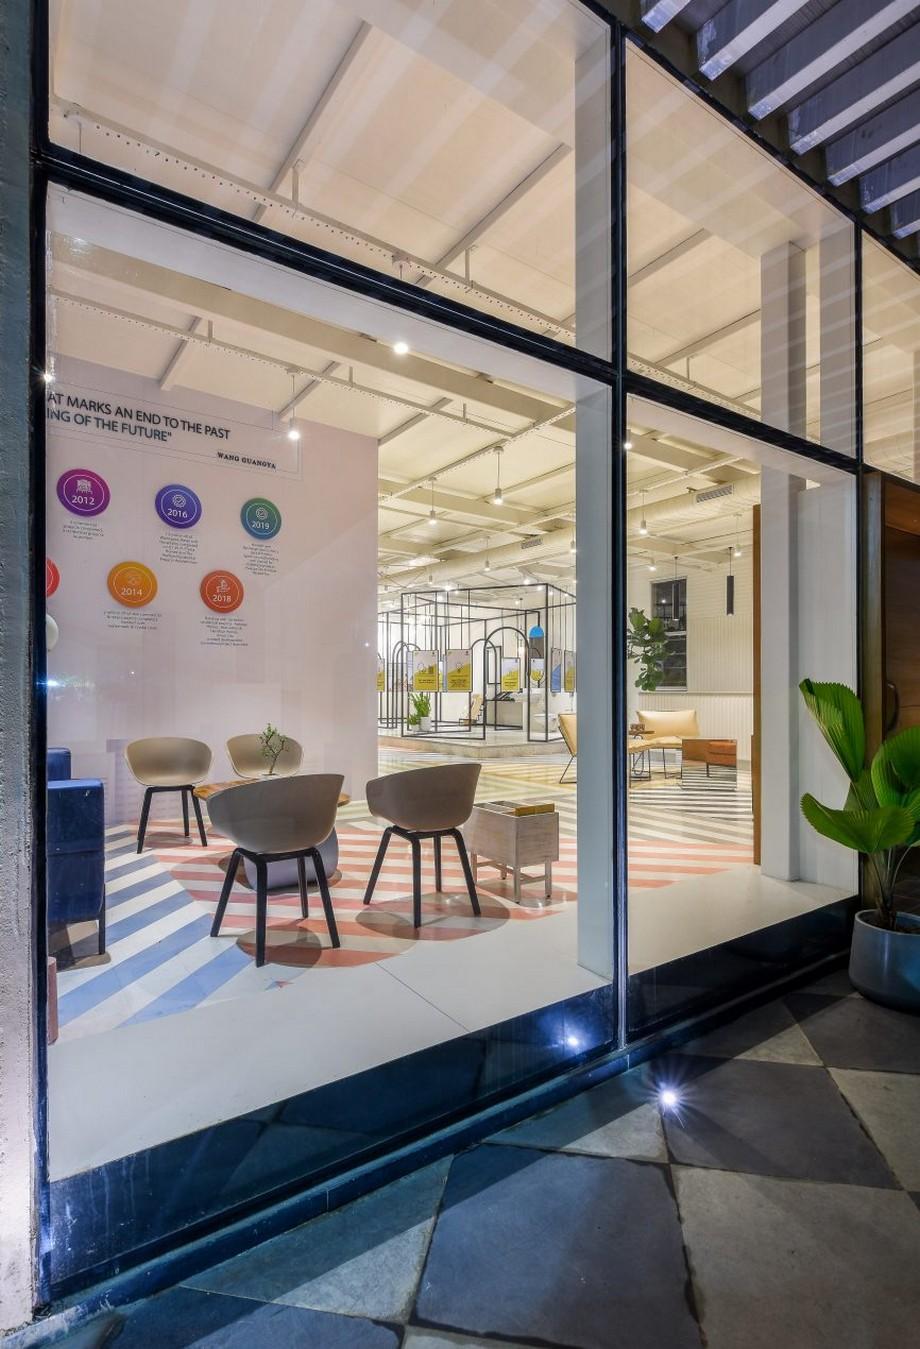 Thiết kế văn phòng đương đại sống động